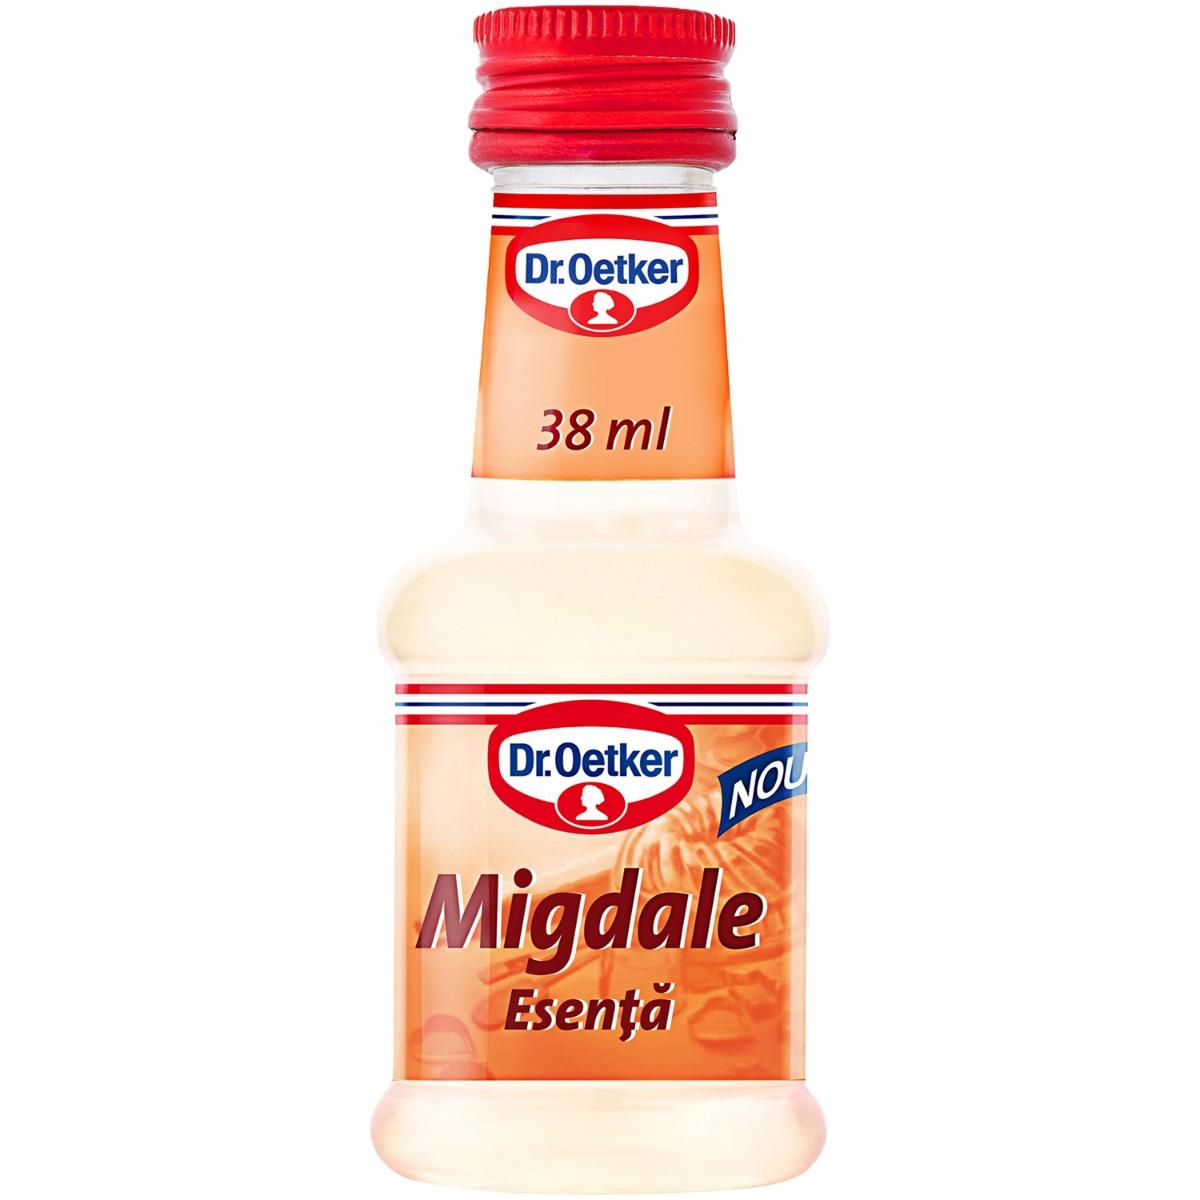 Esenta de migdale Dr Oetker, 38 ml imagine